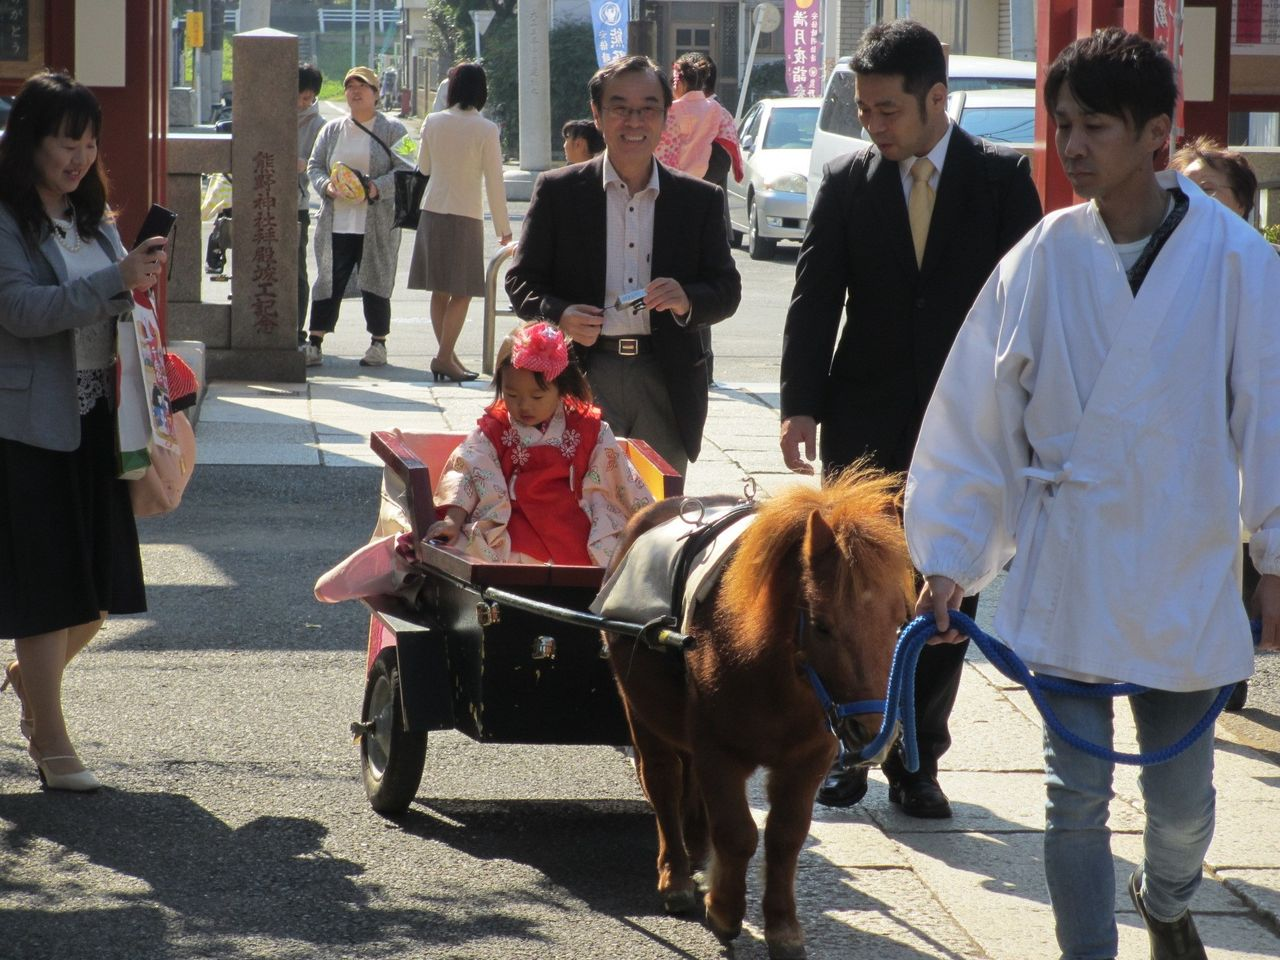 Раньше Кирара возила повозку во время паломничеств Ситигосан, но сейчас она передала эстафету молодым Тёко и Банила (предоставлено святилищем Кумано)